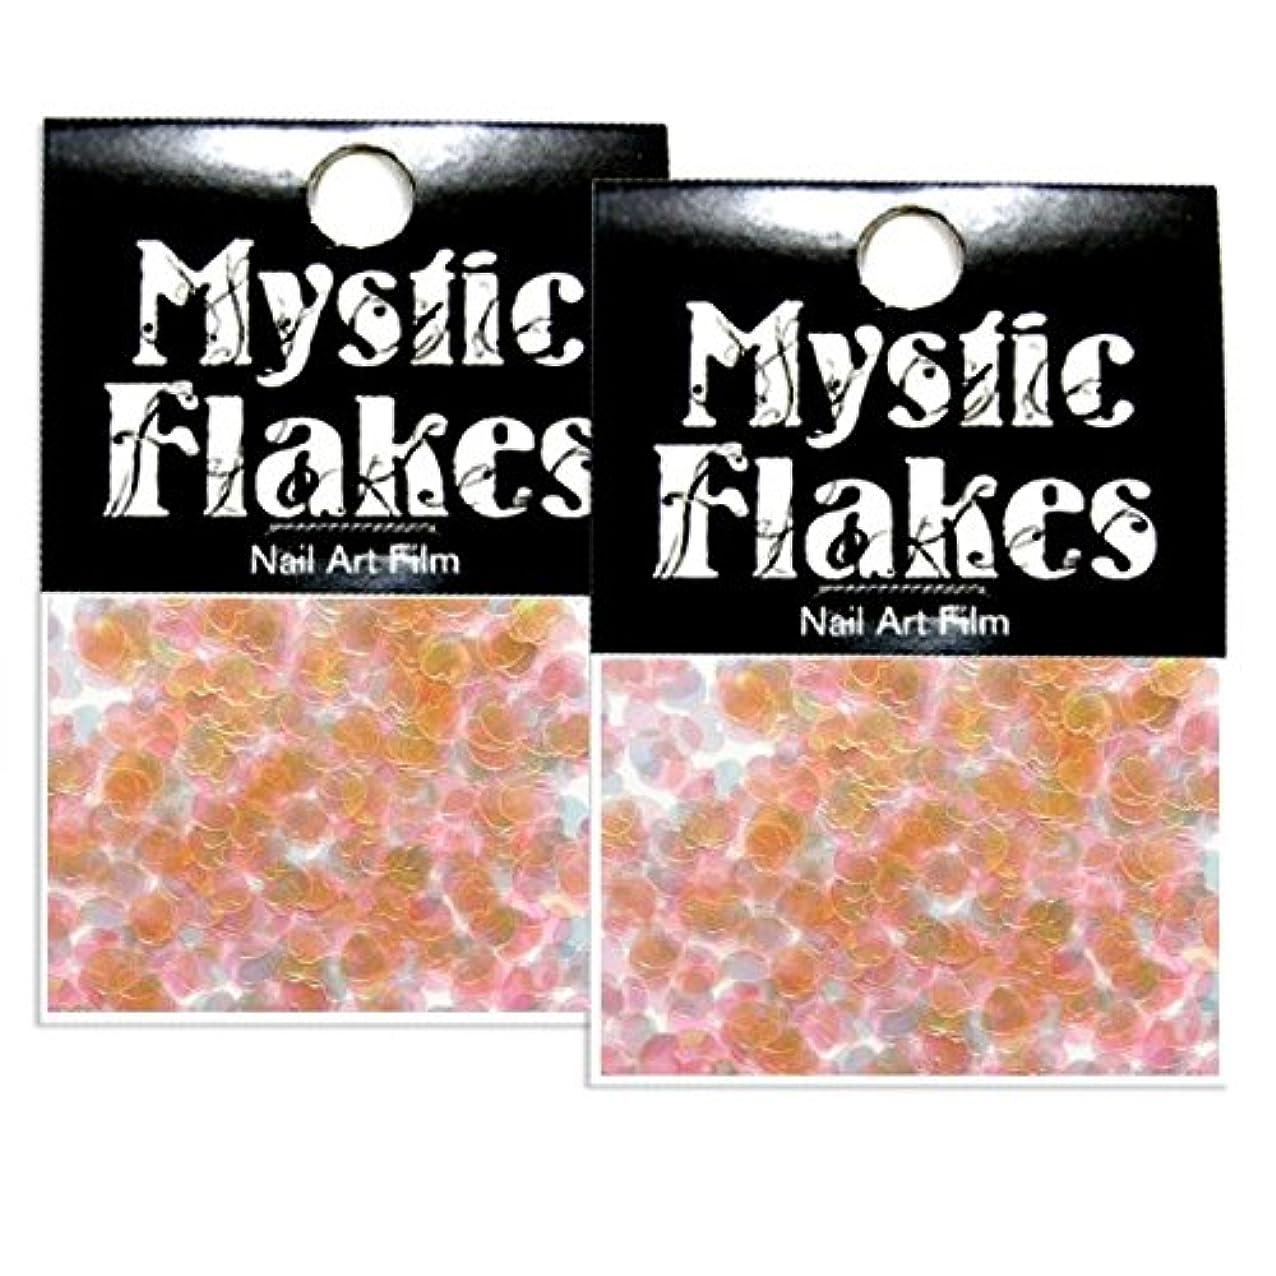 窒息させるアウターサイクルミスティックフレース ネイル用ストーン パールオレンジ ミニハート 0.5g 2個セット